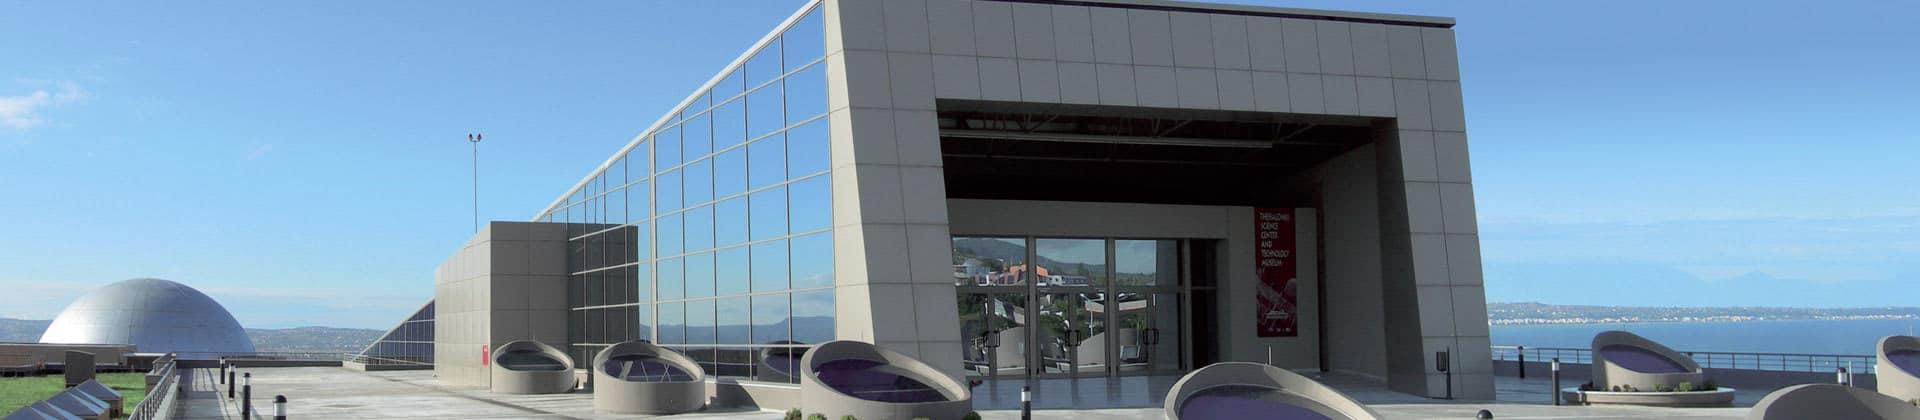 Το ΝΟΗΣΙΣ - Κέντρο Διάδοσης Επιστημών και Μουσείο Τεχνολογίας βρίσκεται στη Θεσσαλονίκη και προσφέρει εκπαιδευτικά προγράμματα και δραστηριότητες κυρίως για παιδιά σχολικής ηλικίας